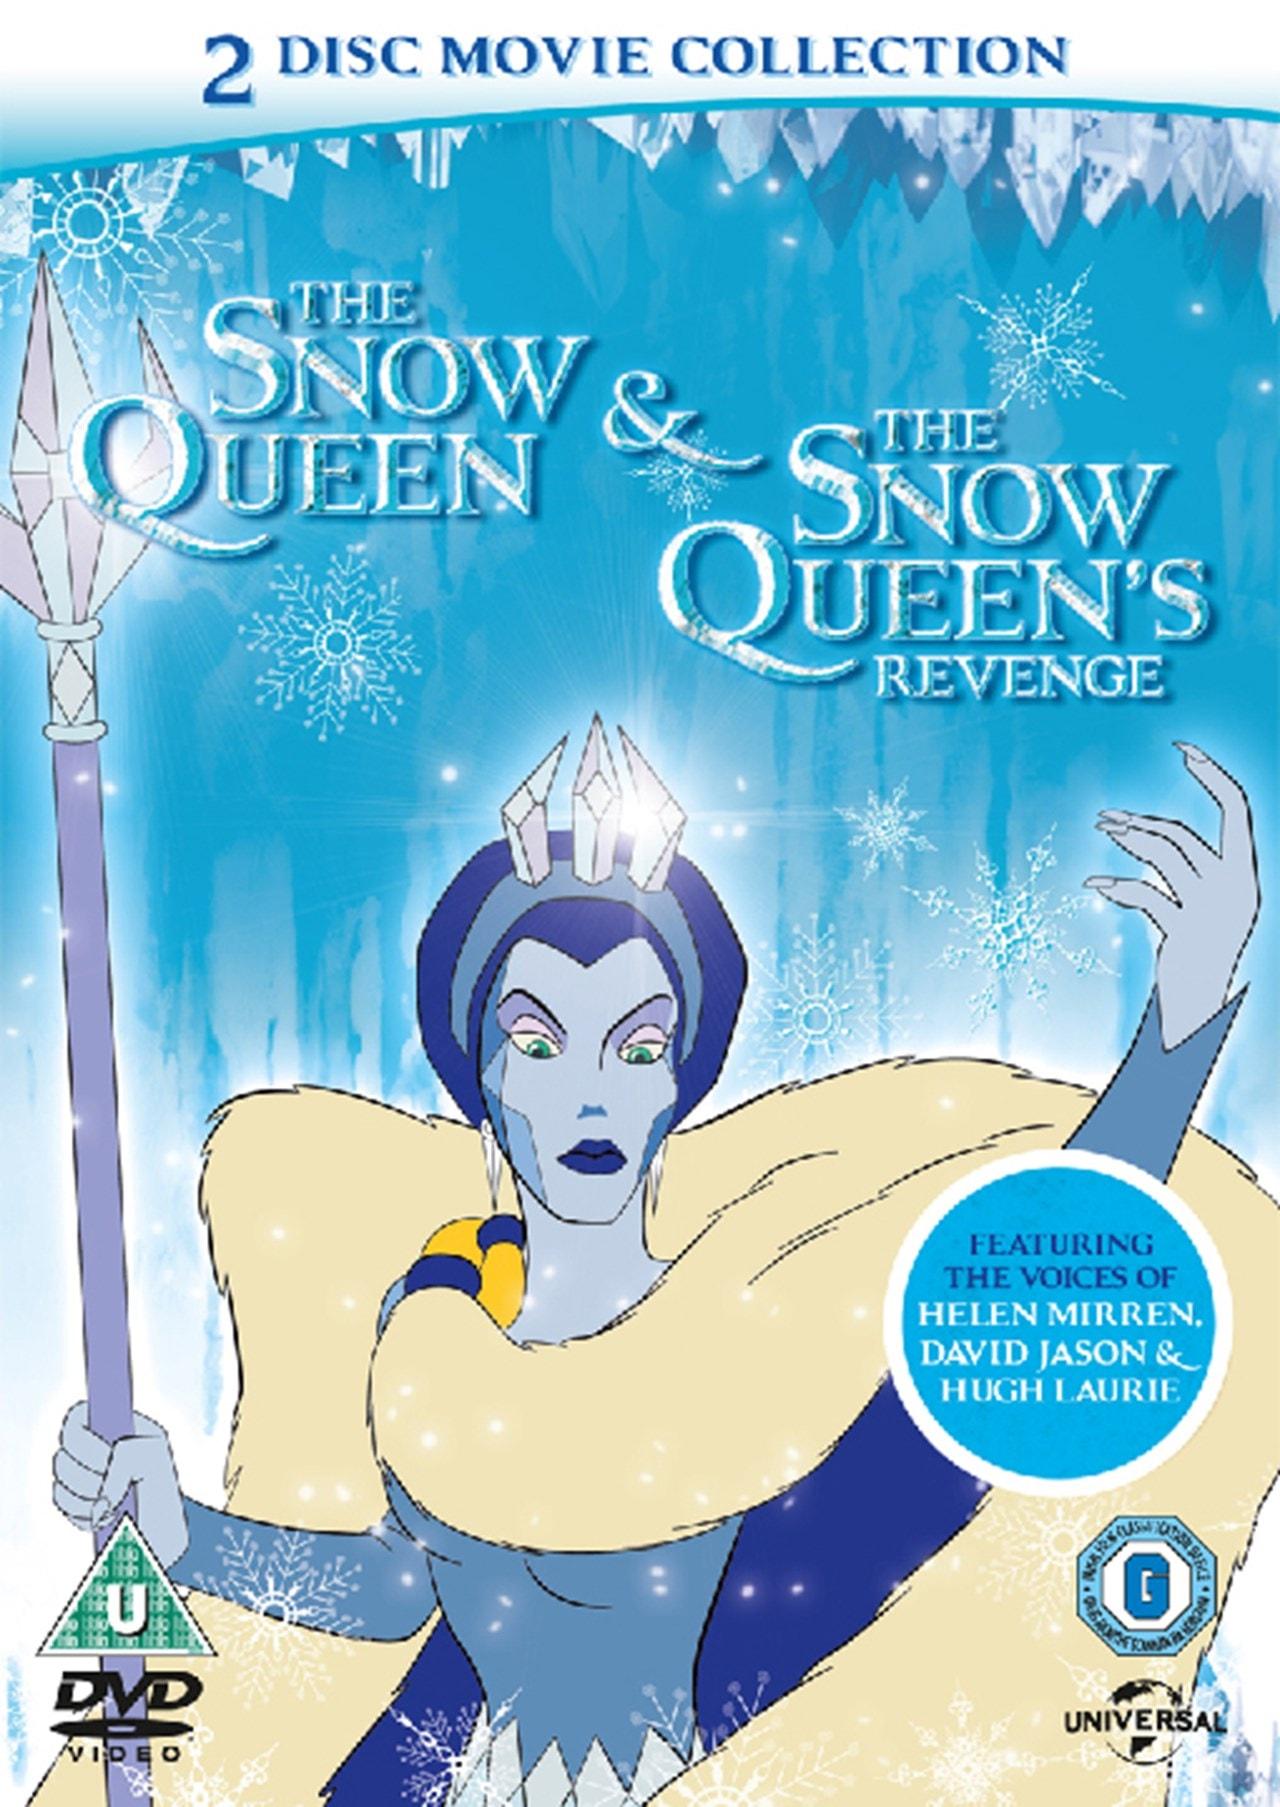 The Snow Queen/The Snow Queen's Revenge - 1